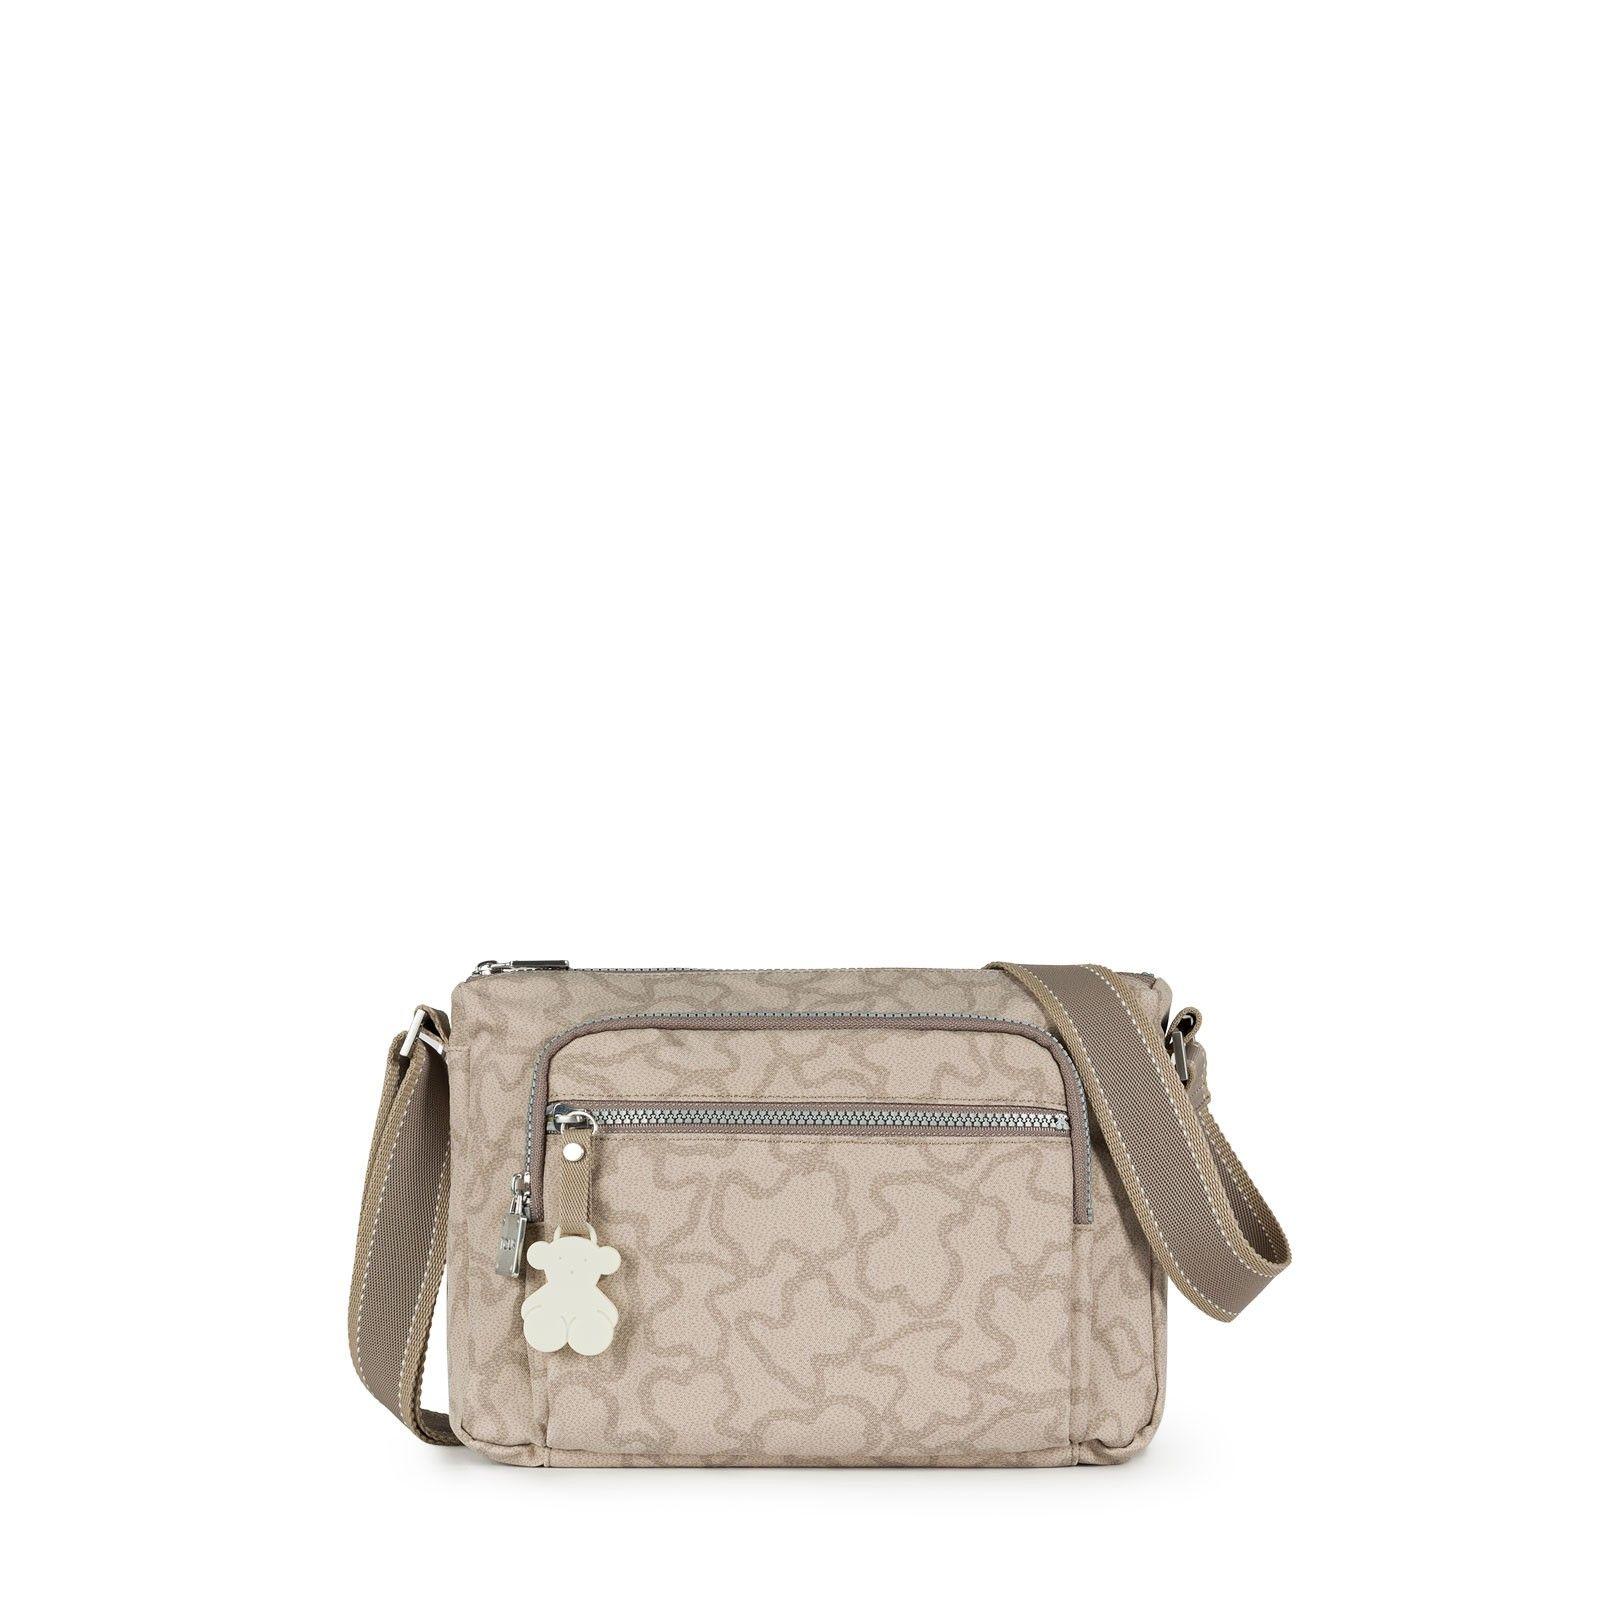 Bolso TousShoulder Bags Kaos Colores New Bandolera 9YEHWDI2